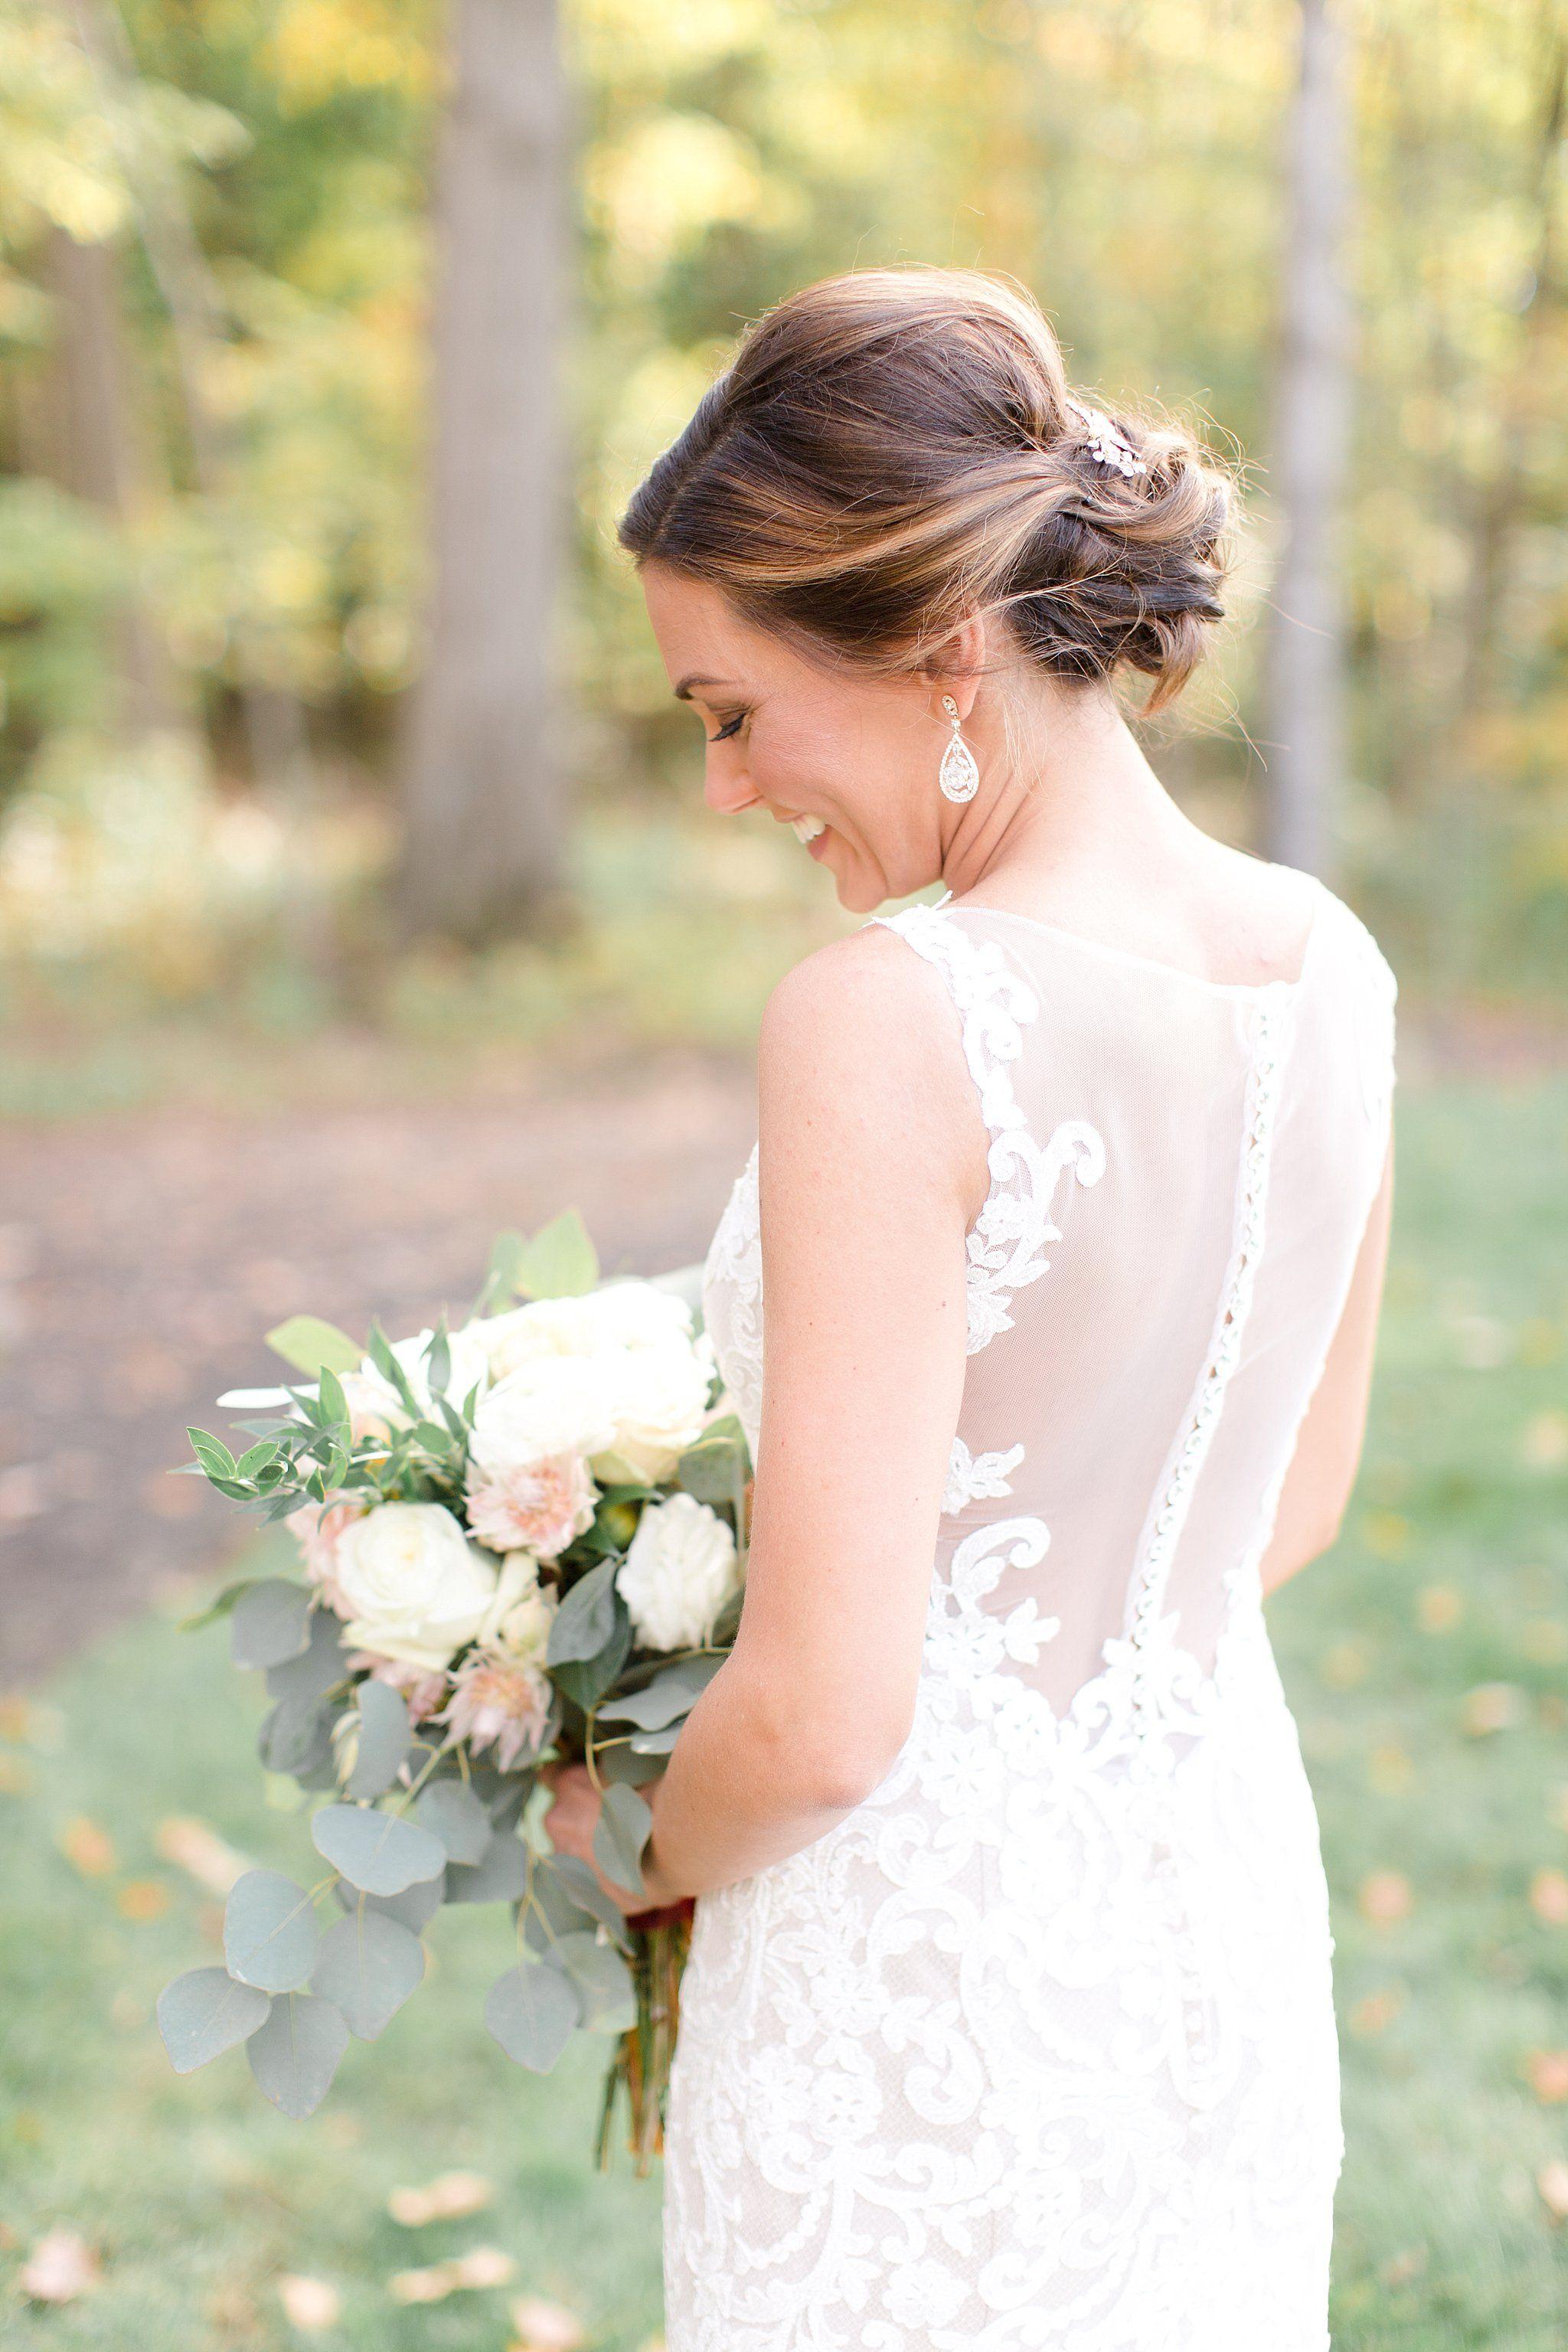 25+ Wedding venues in indianapolis area information